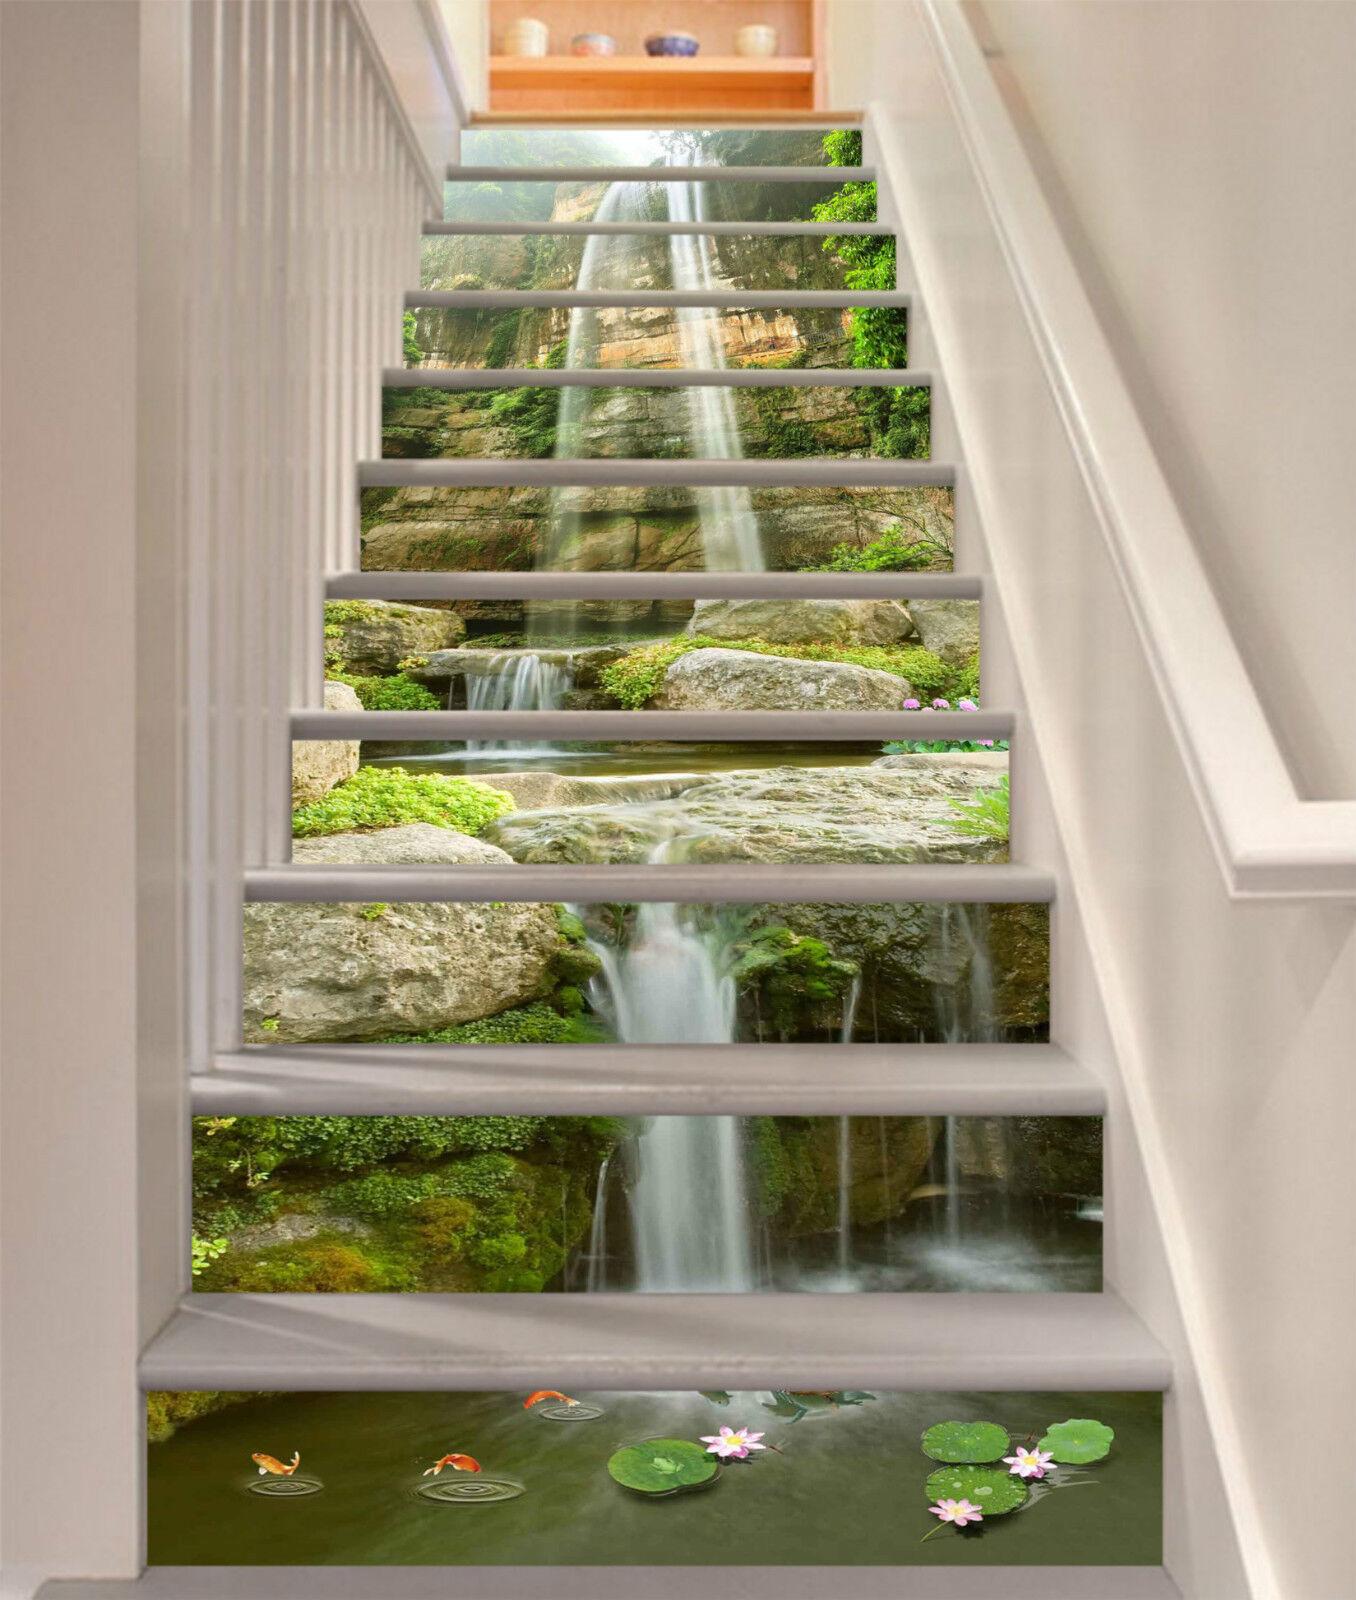 3D Natürliche Teich Stair Risers Dekoration Fototapete Vinyl Aufkleber Tapete DE